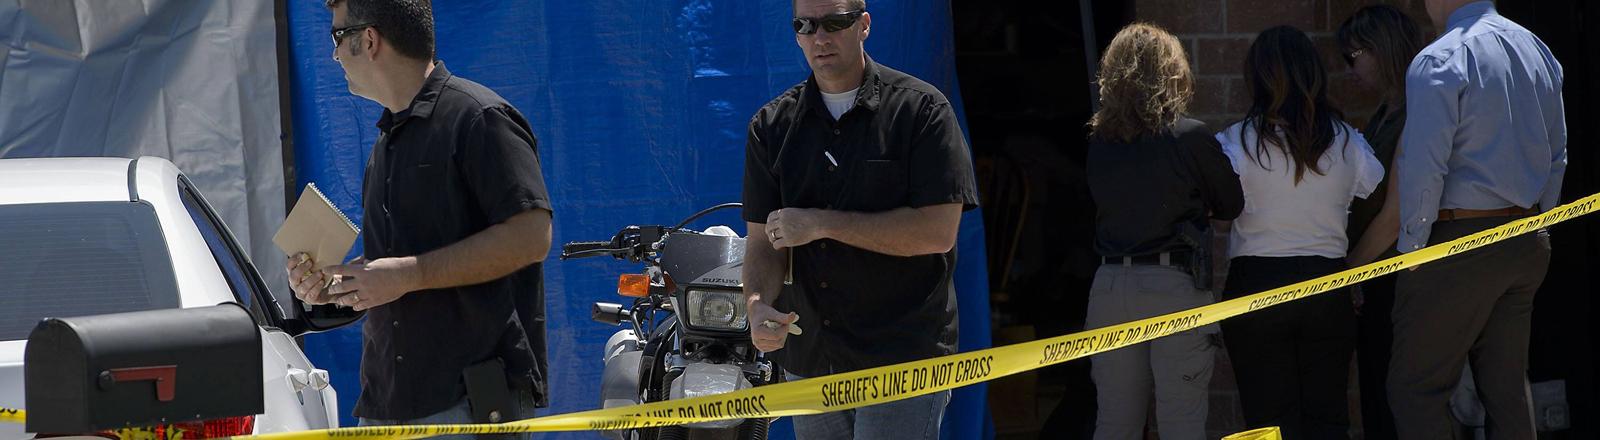 Festnahme des mutmaßlichen Golden State Killers